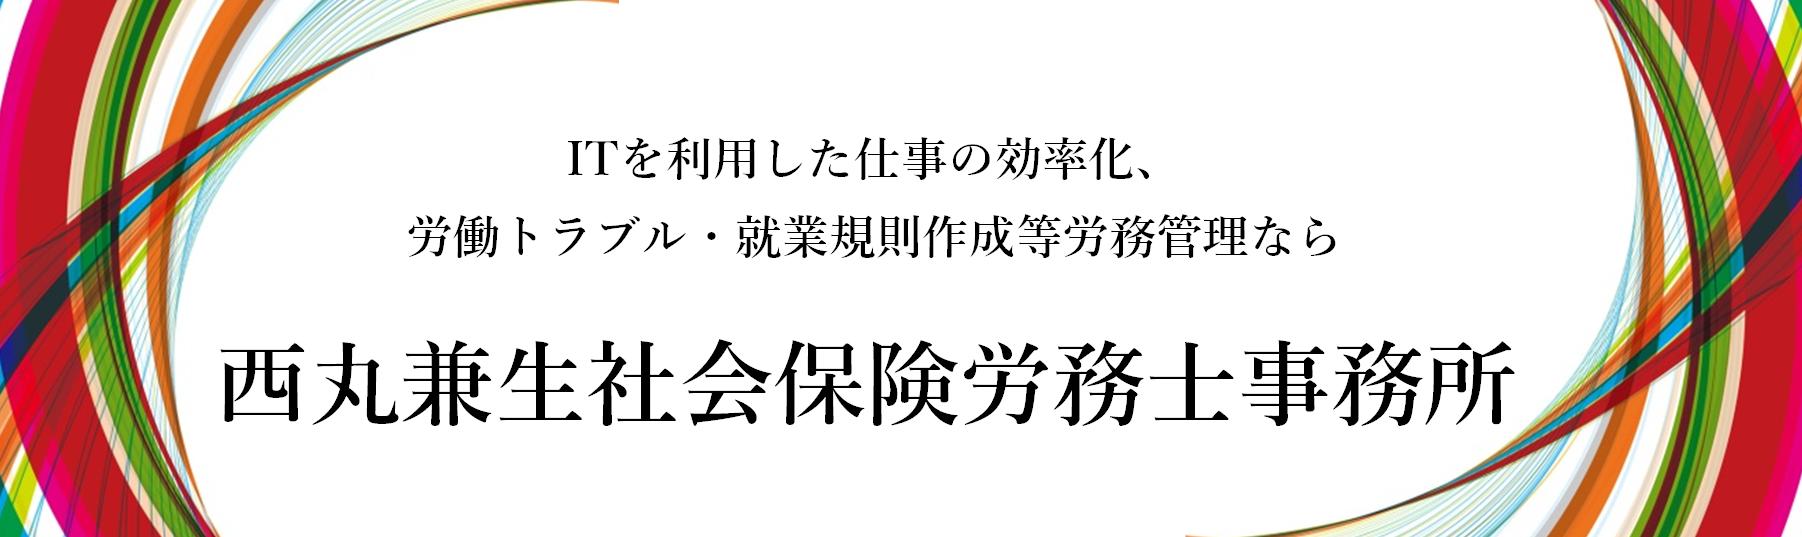 西丸兼生社会保険労務士事務所